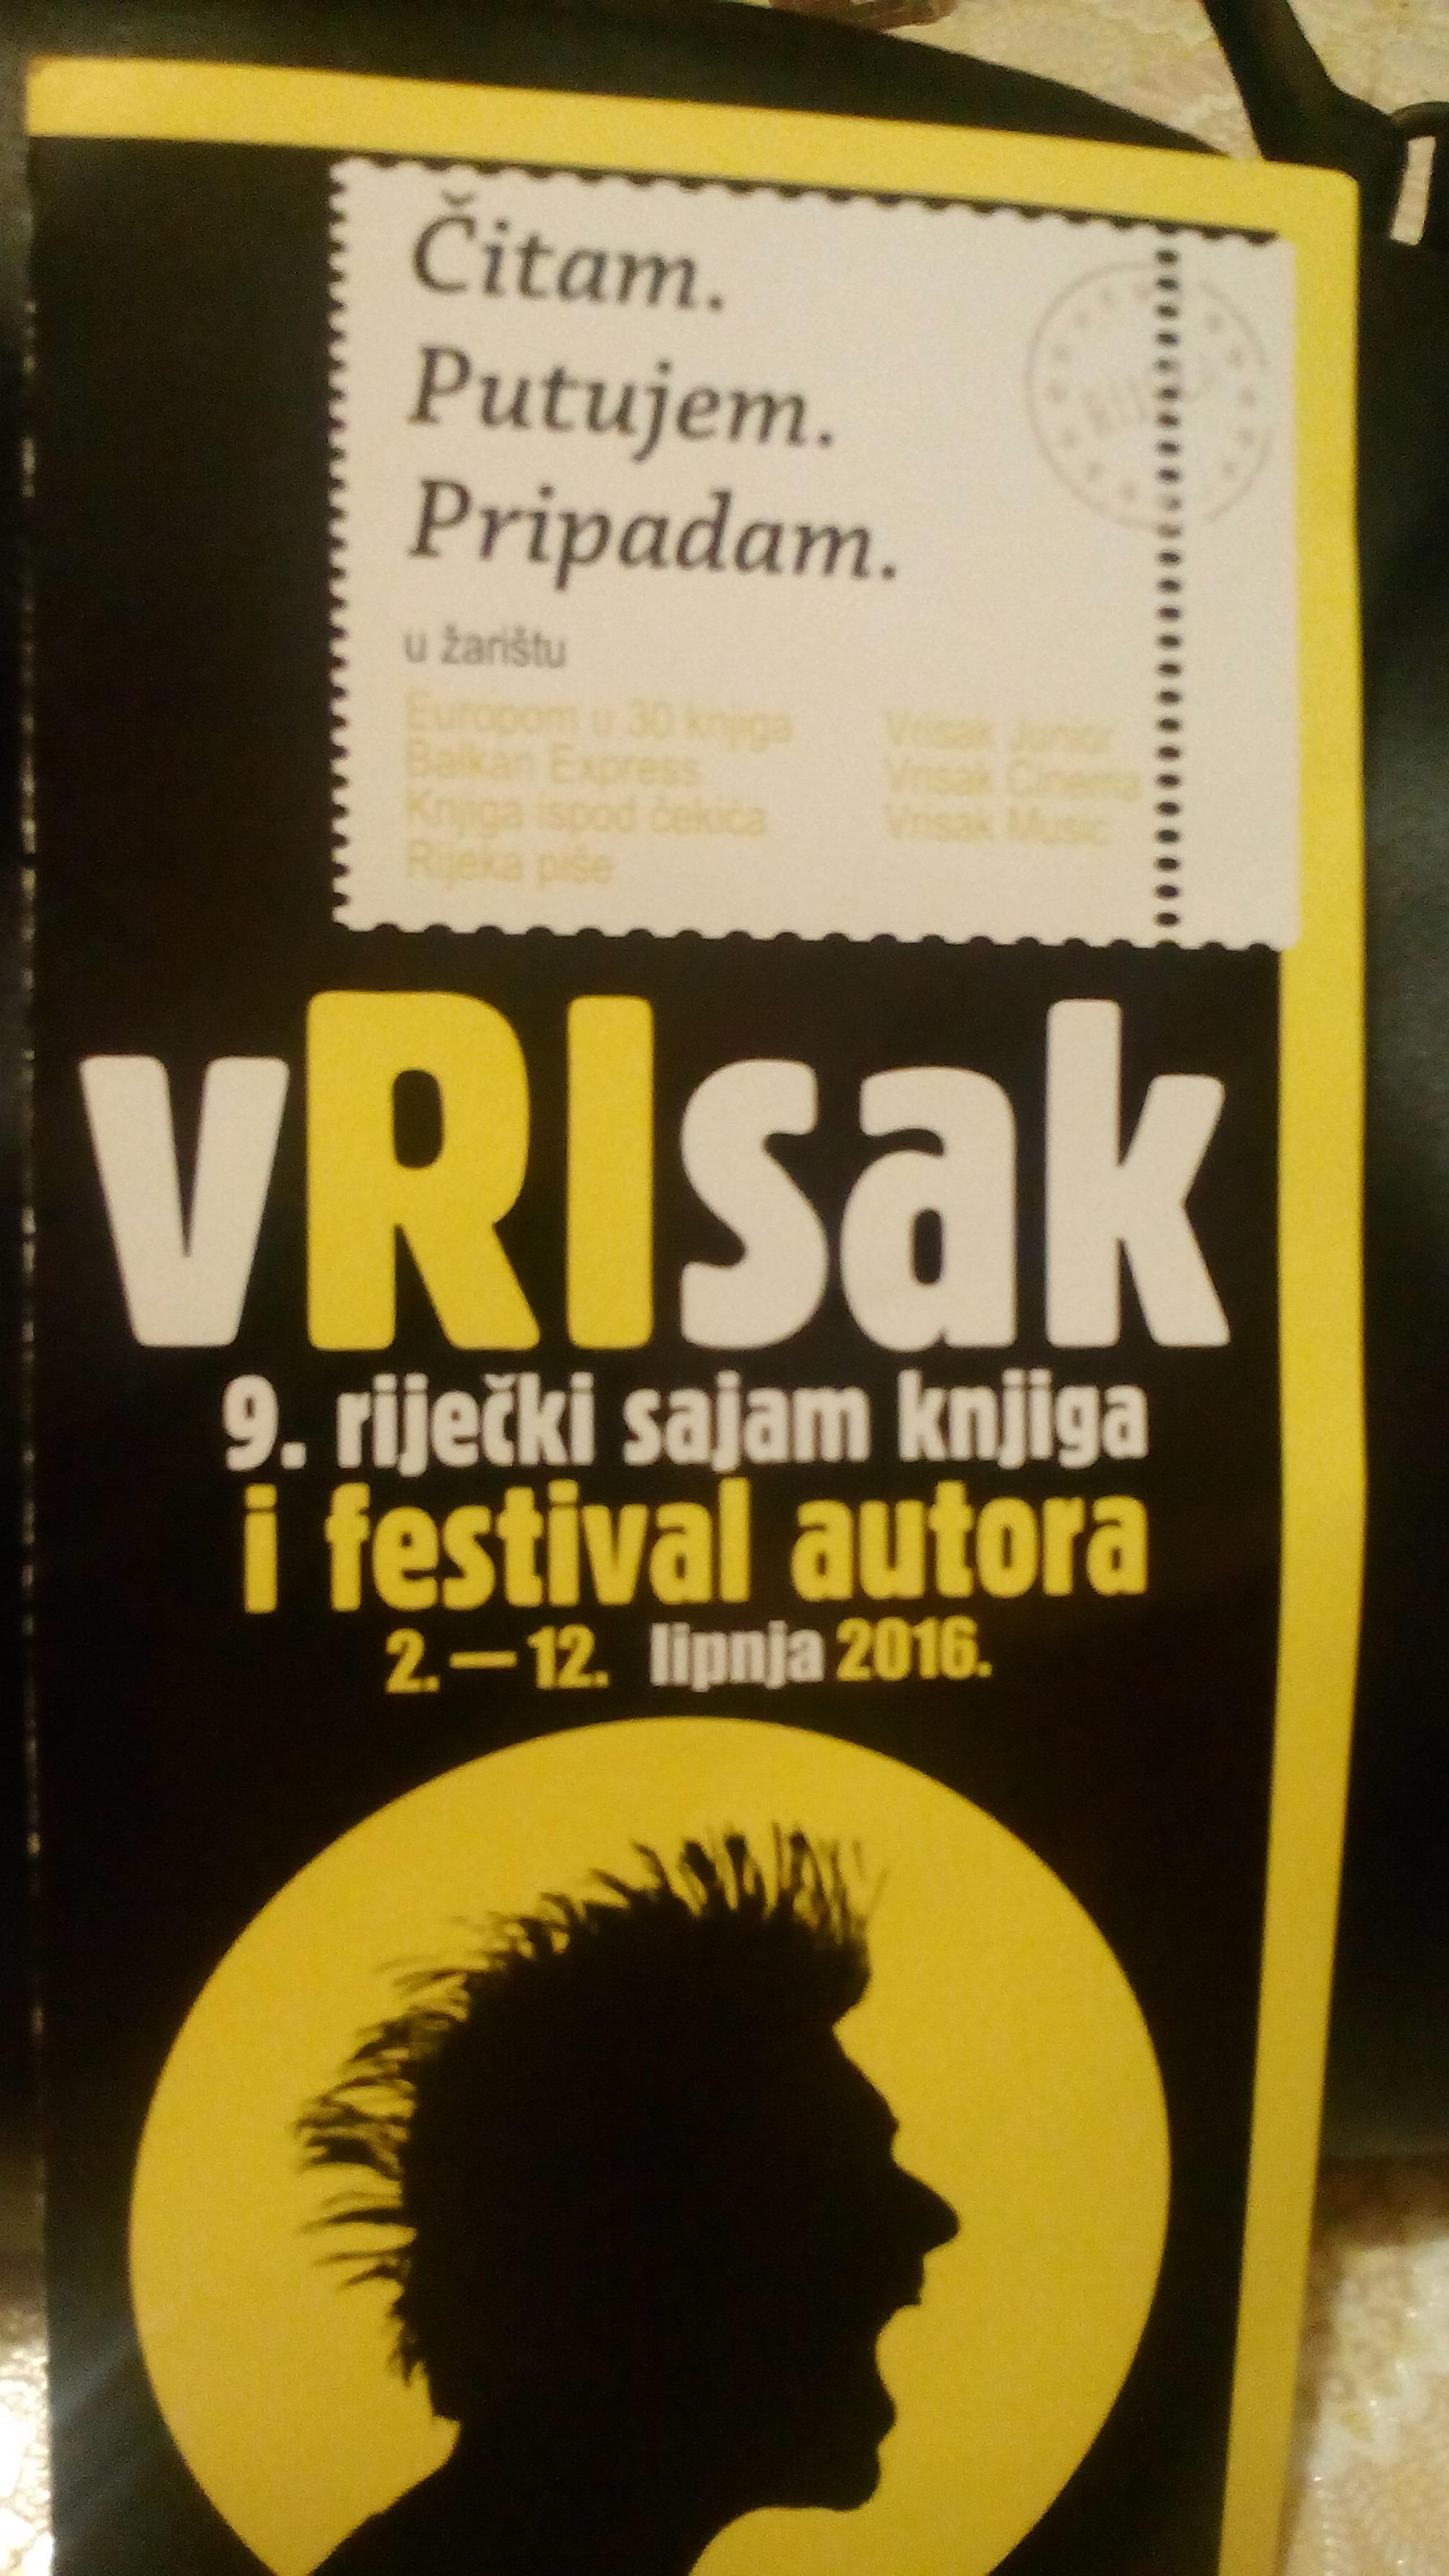 OTVOREN vRIsak, 9.riječki sajam knjiga i festival autora